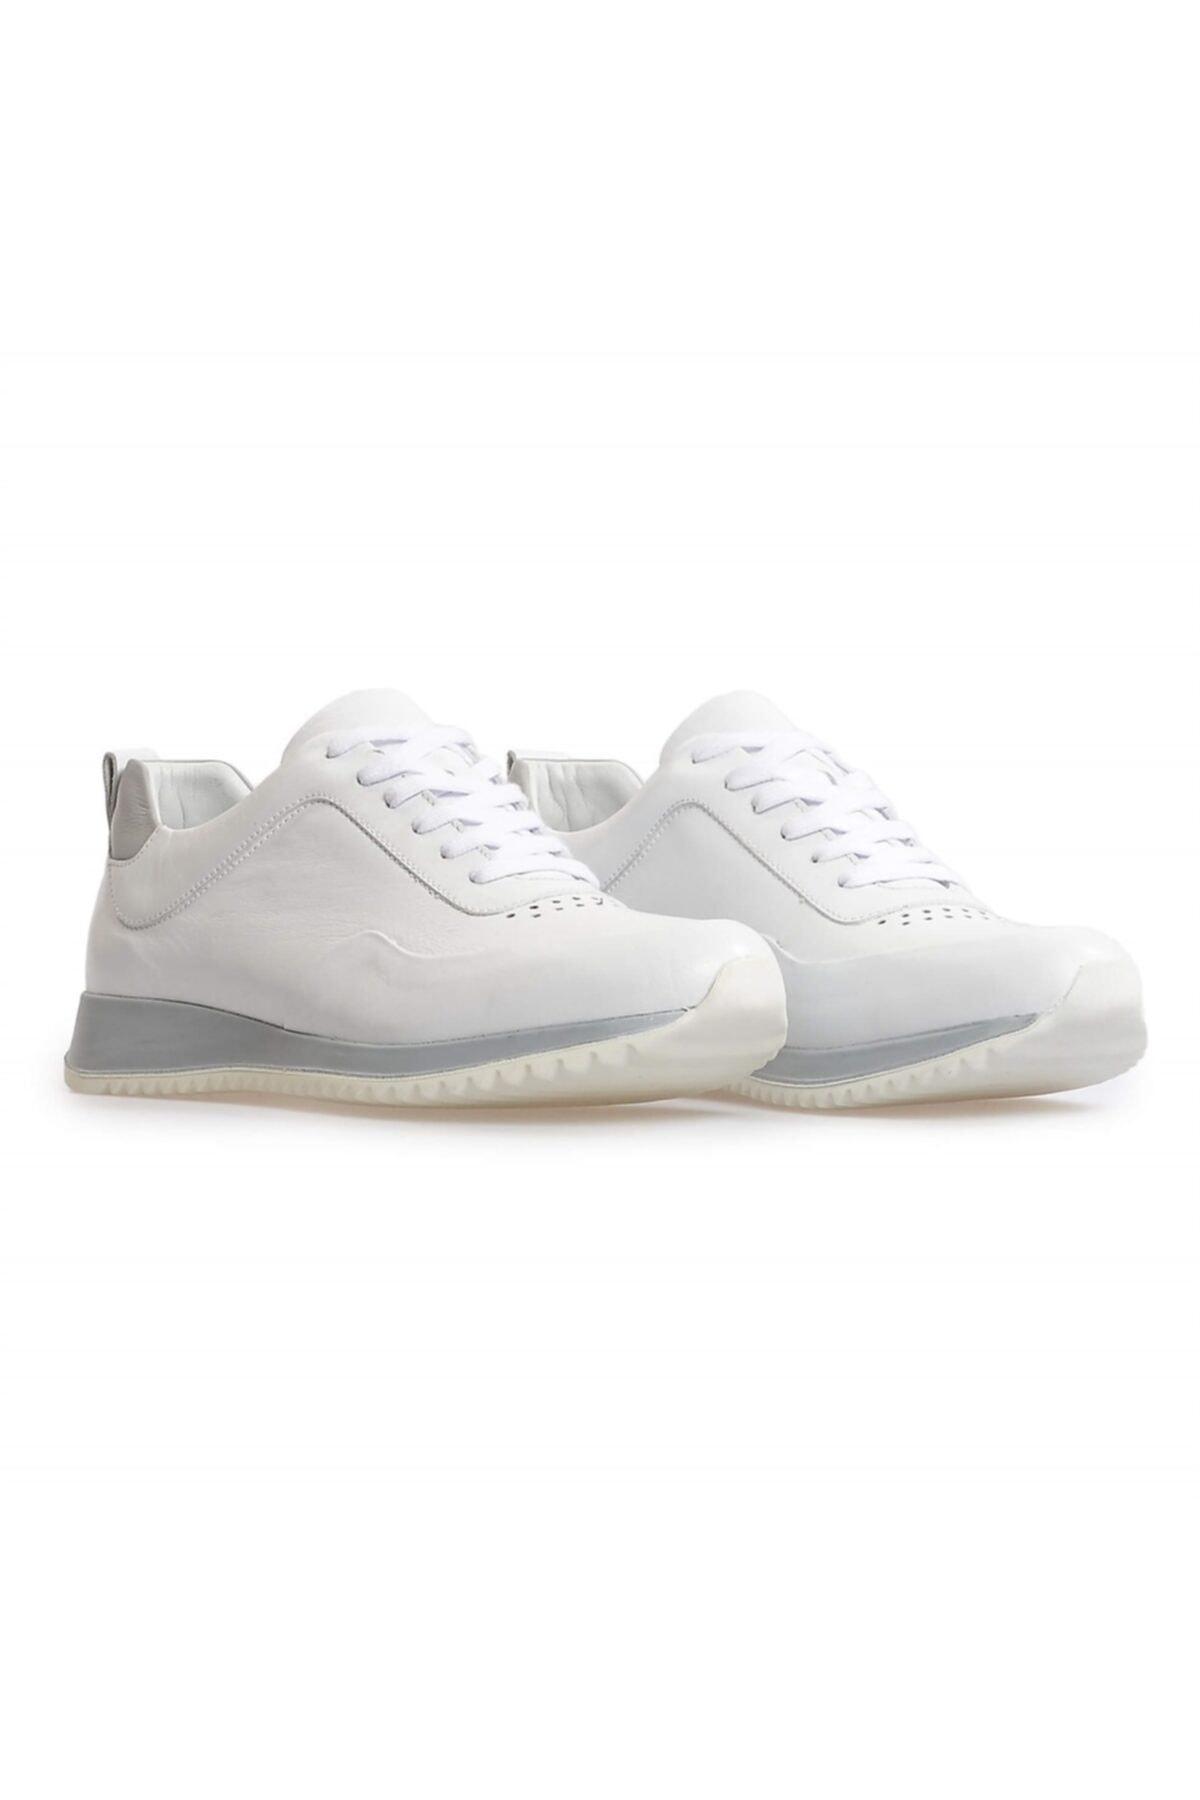 Flower Beyaz Deri Bağcıklı Sneakers 2